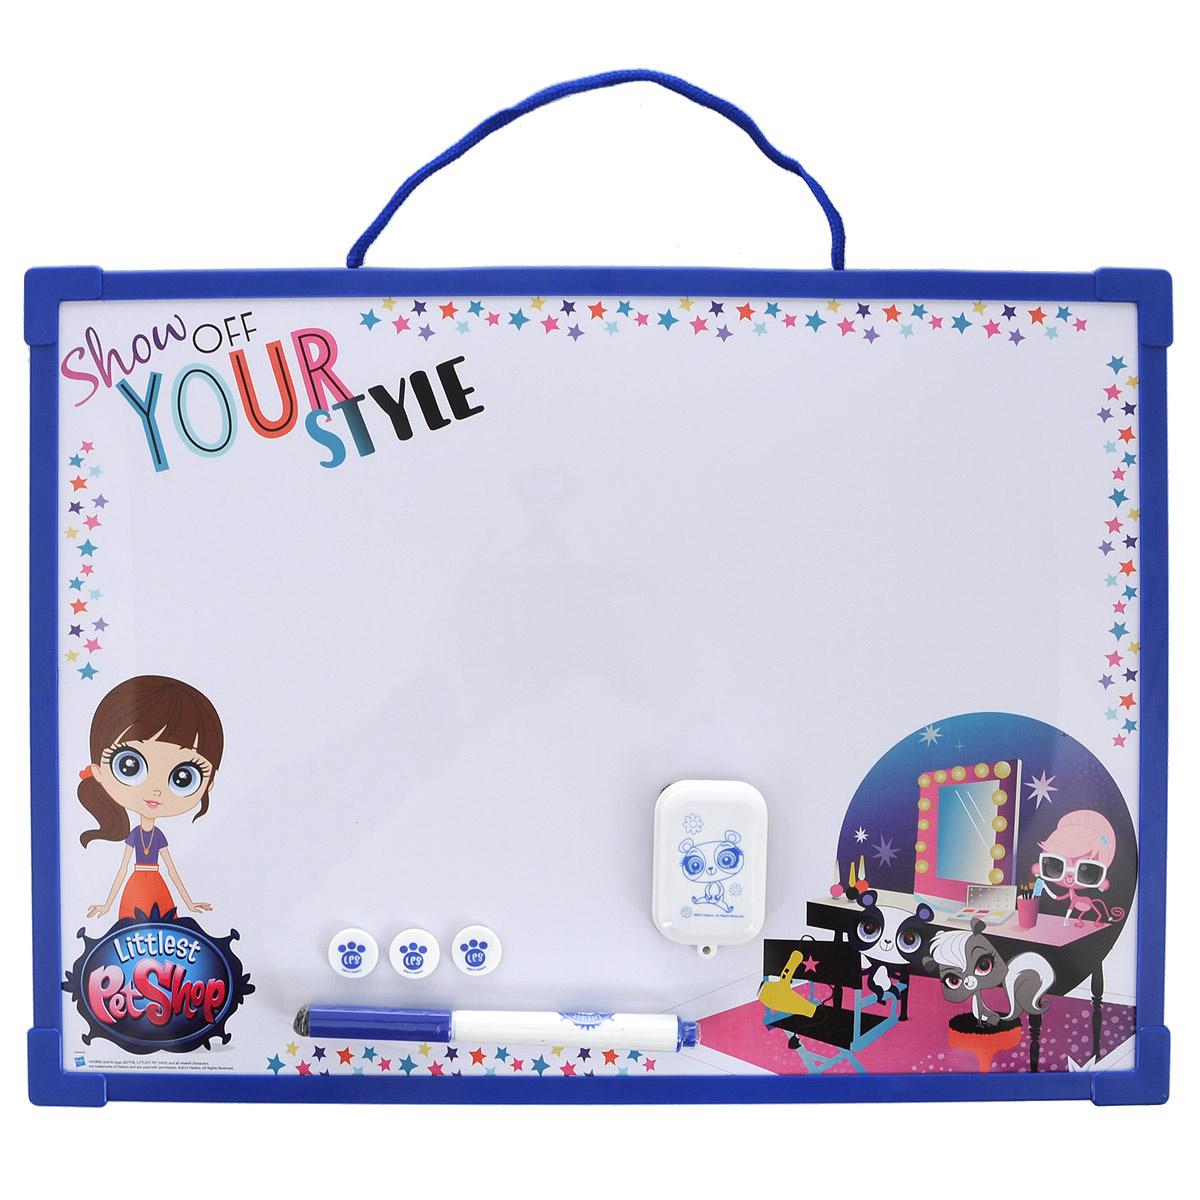 Доска для рисования Littlest Pet Shop  Пиши-стирай , цвет: белый, синий. LPCB-US1-Z150098 -  Доски